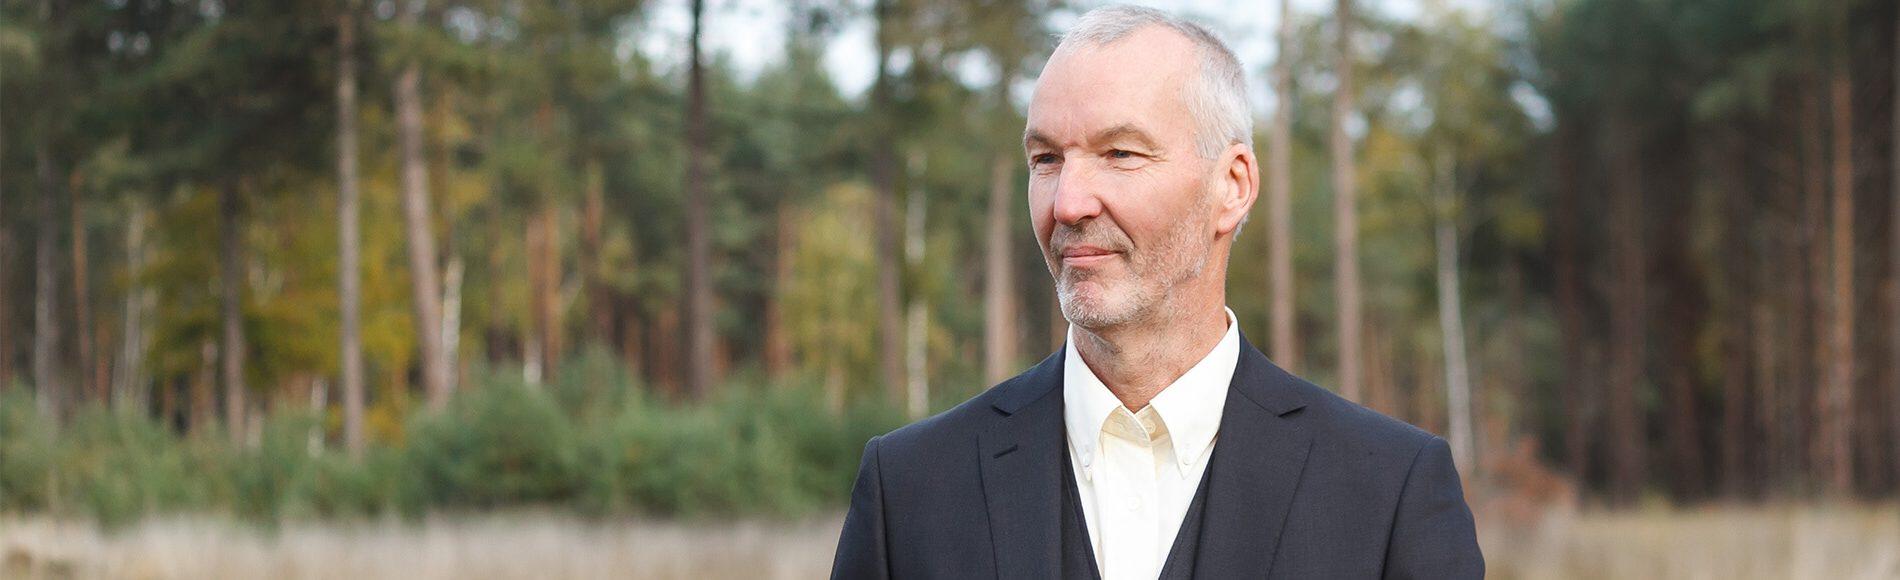 Bert Jansen Venneboer is de drijvende kracht achter Natuurlijk Afscheid